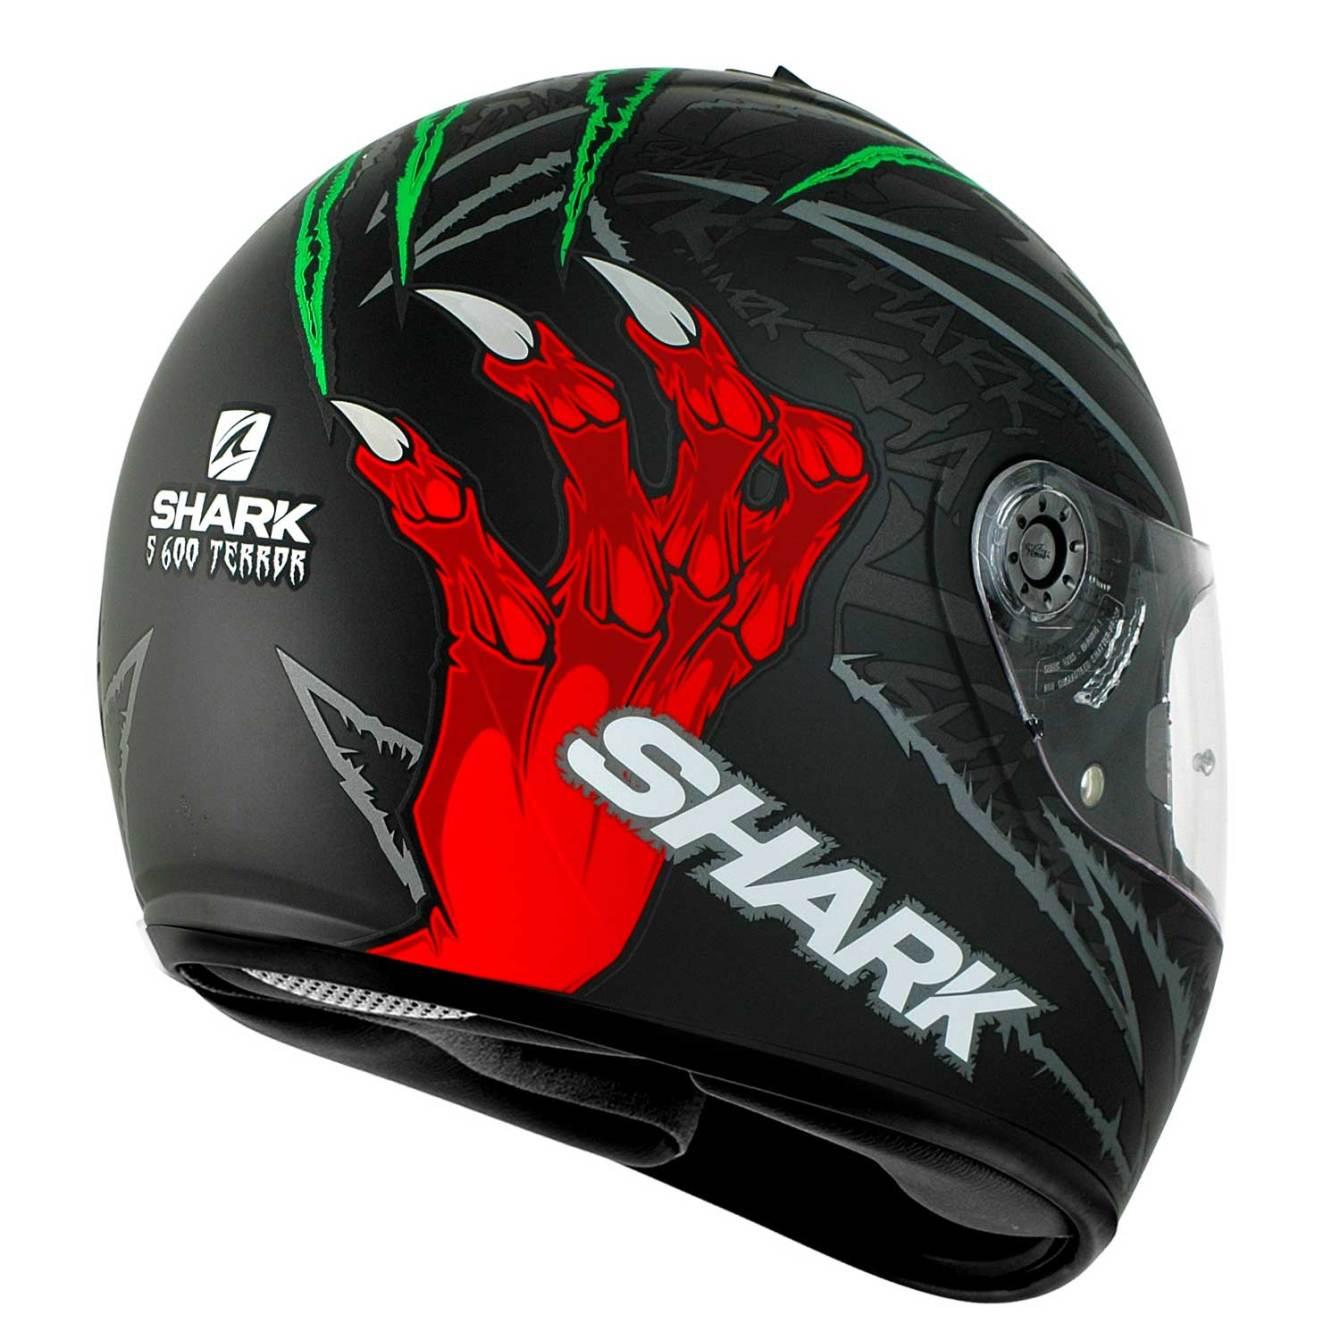 Shark S600 Terror Matt